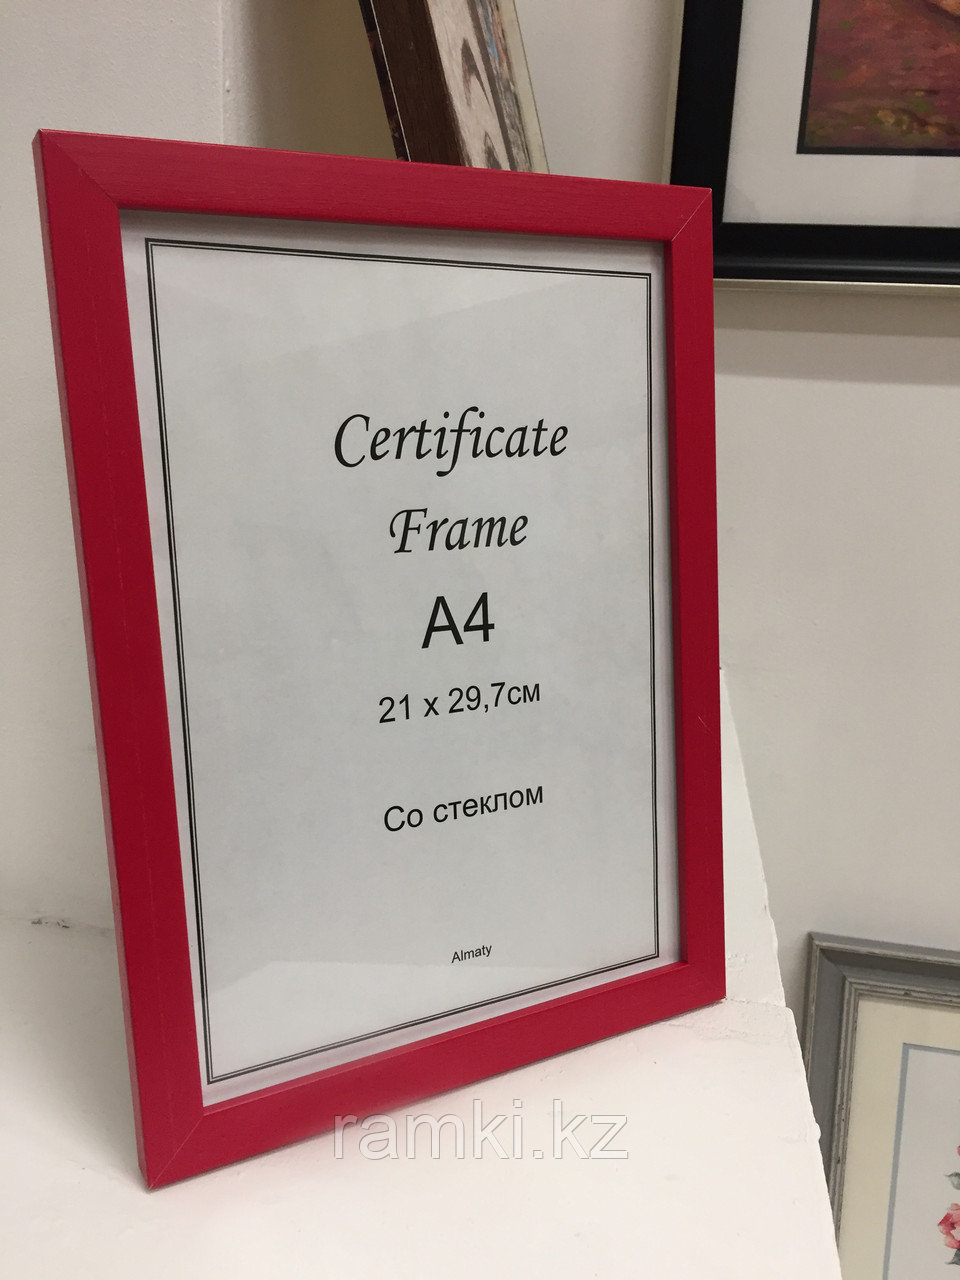 Рамка А4, фоторамка для сертификатов и документов, для вручения красная, под дерево, в розн. и оптом